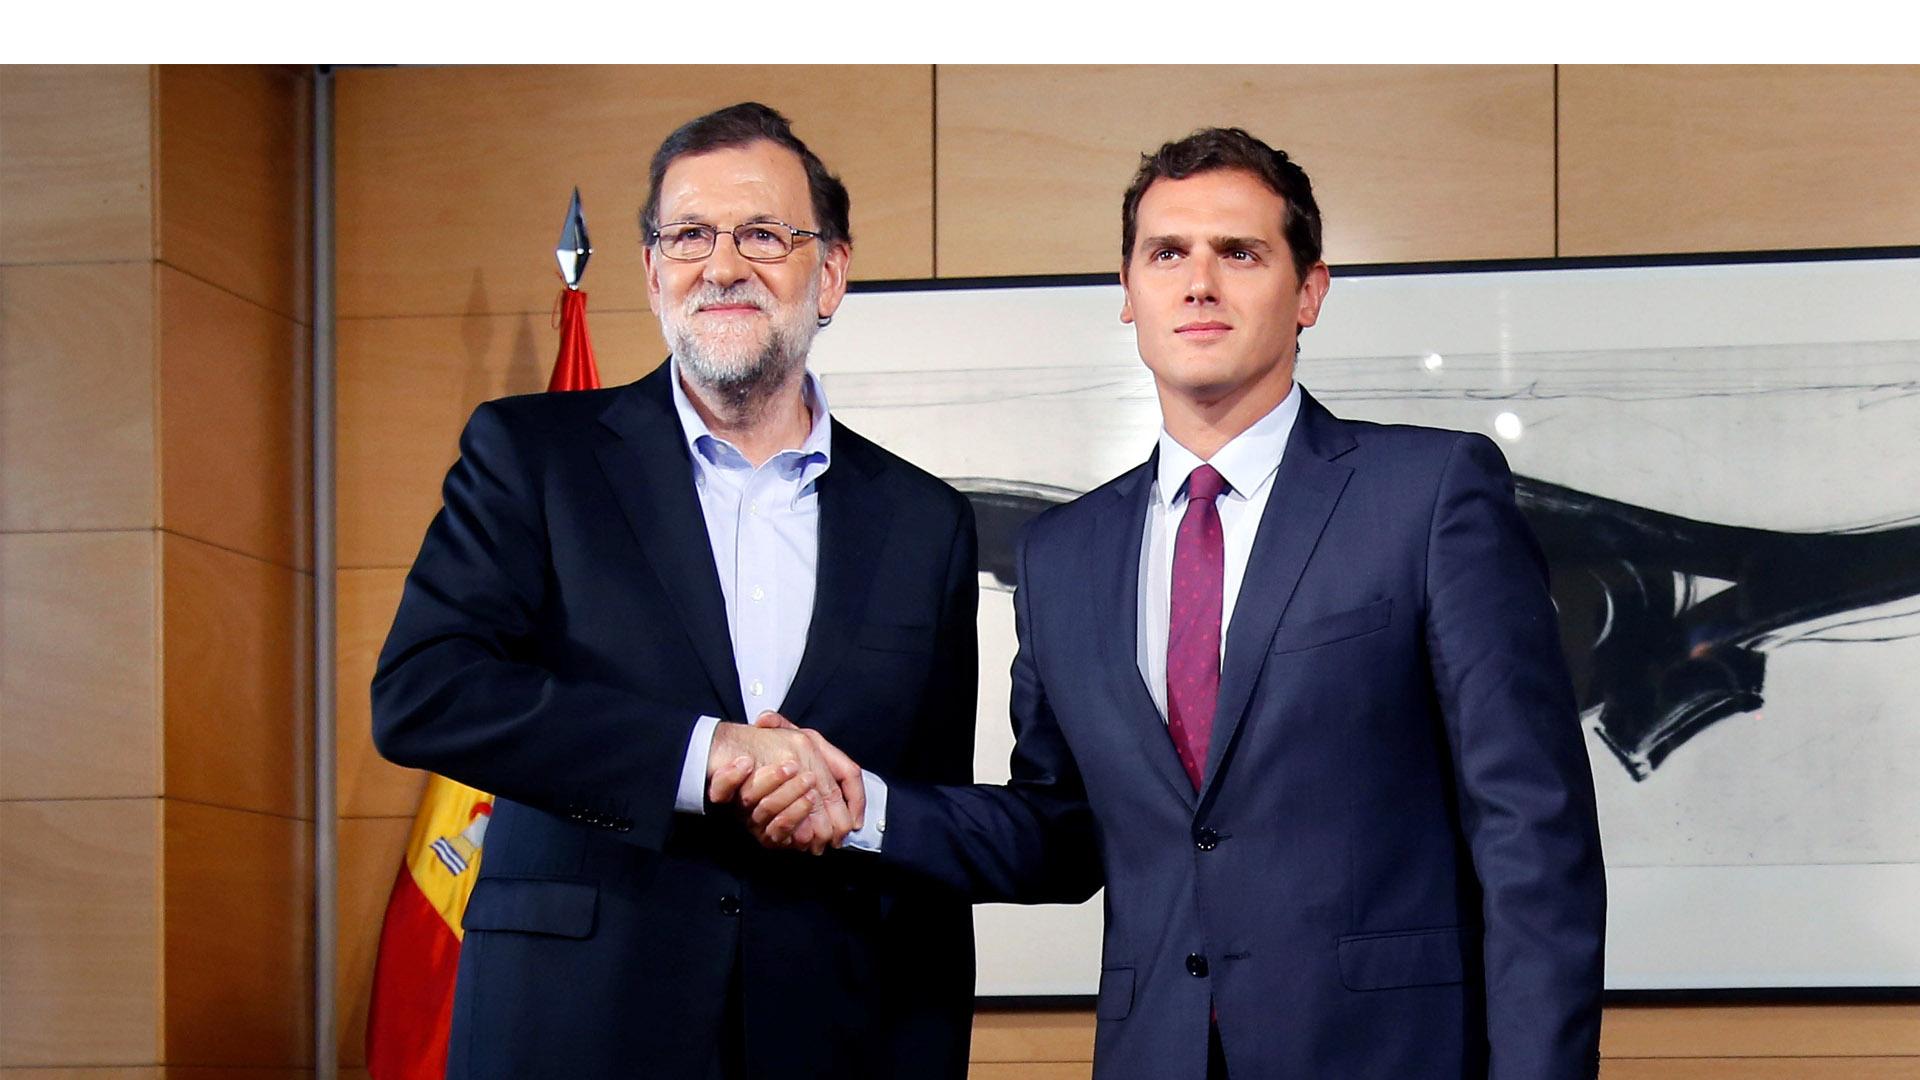 Ambos partidos llegaron a consensos para que el 30 de agosto se de la investidura en España